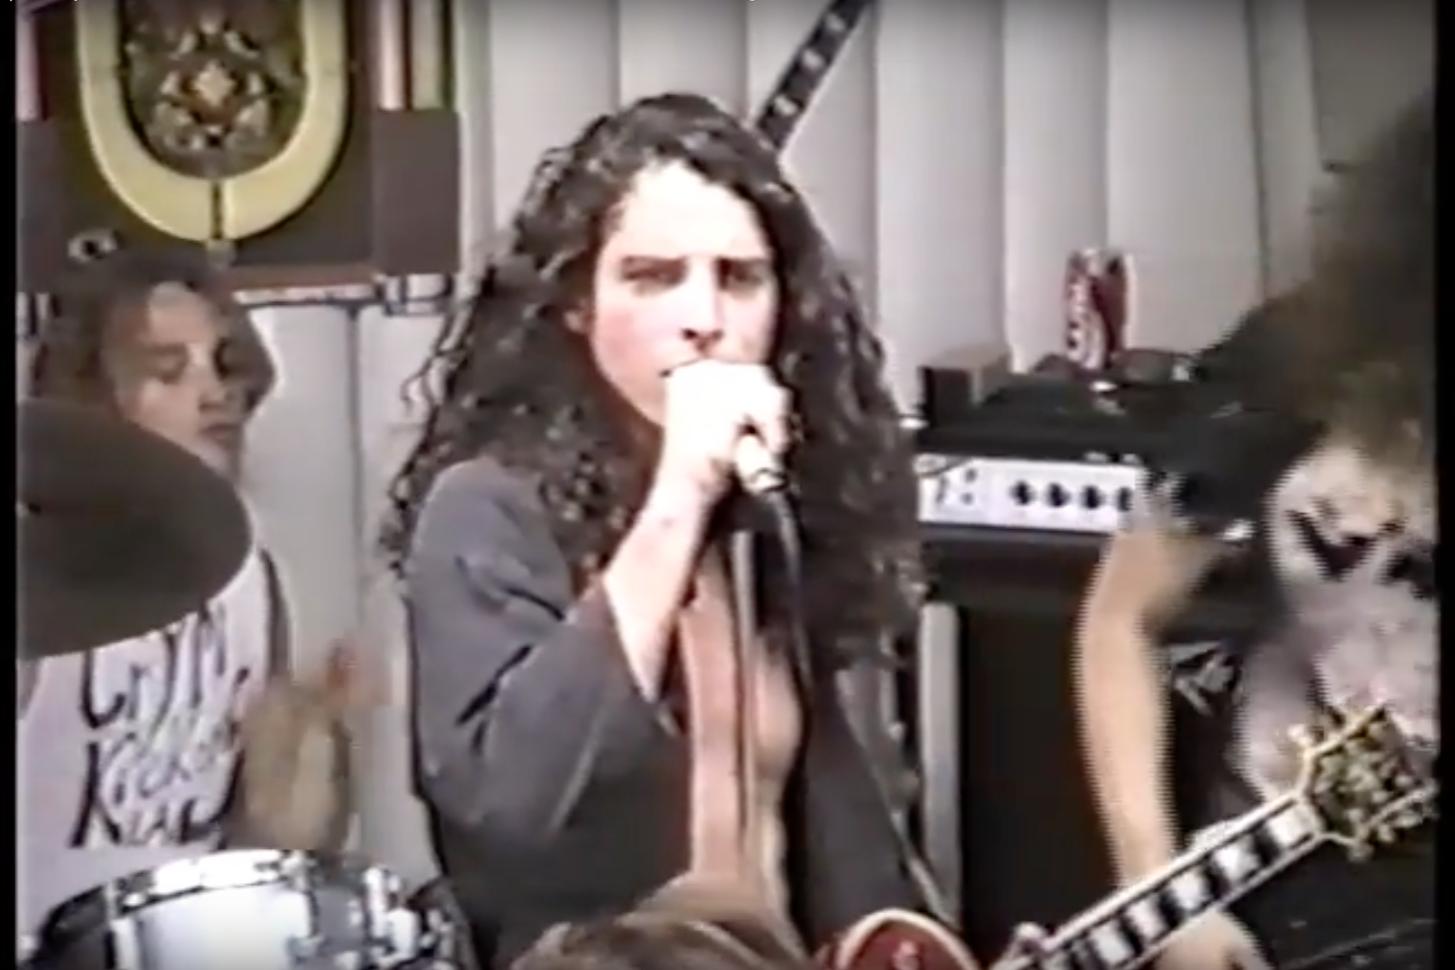 Tus fotos favoritas de los dioses del rock, o algo - Página 6 Soundgarden-1989-video-1478877366